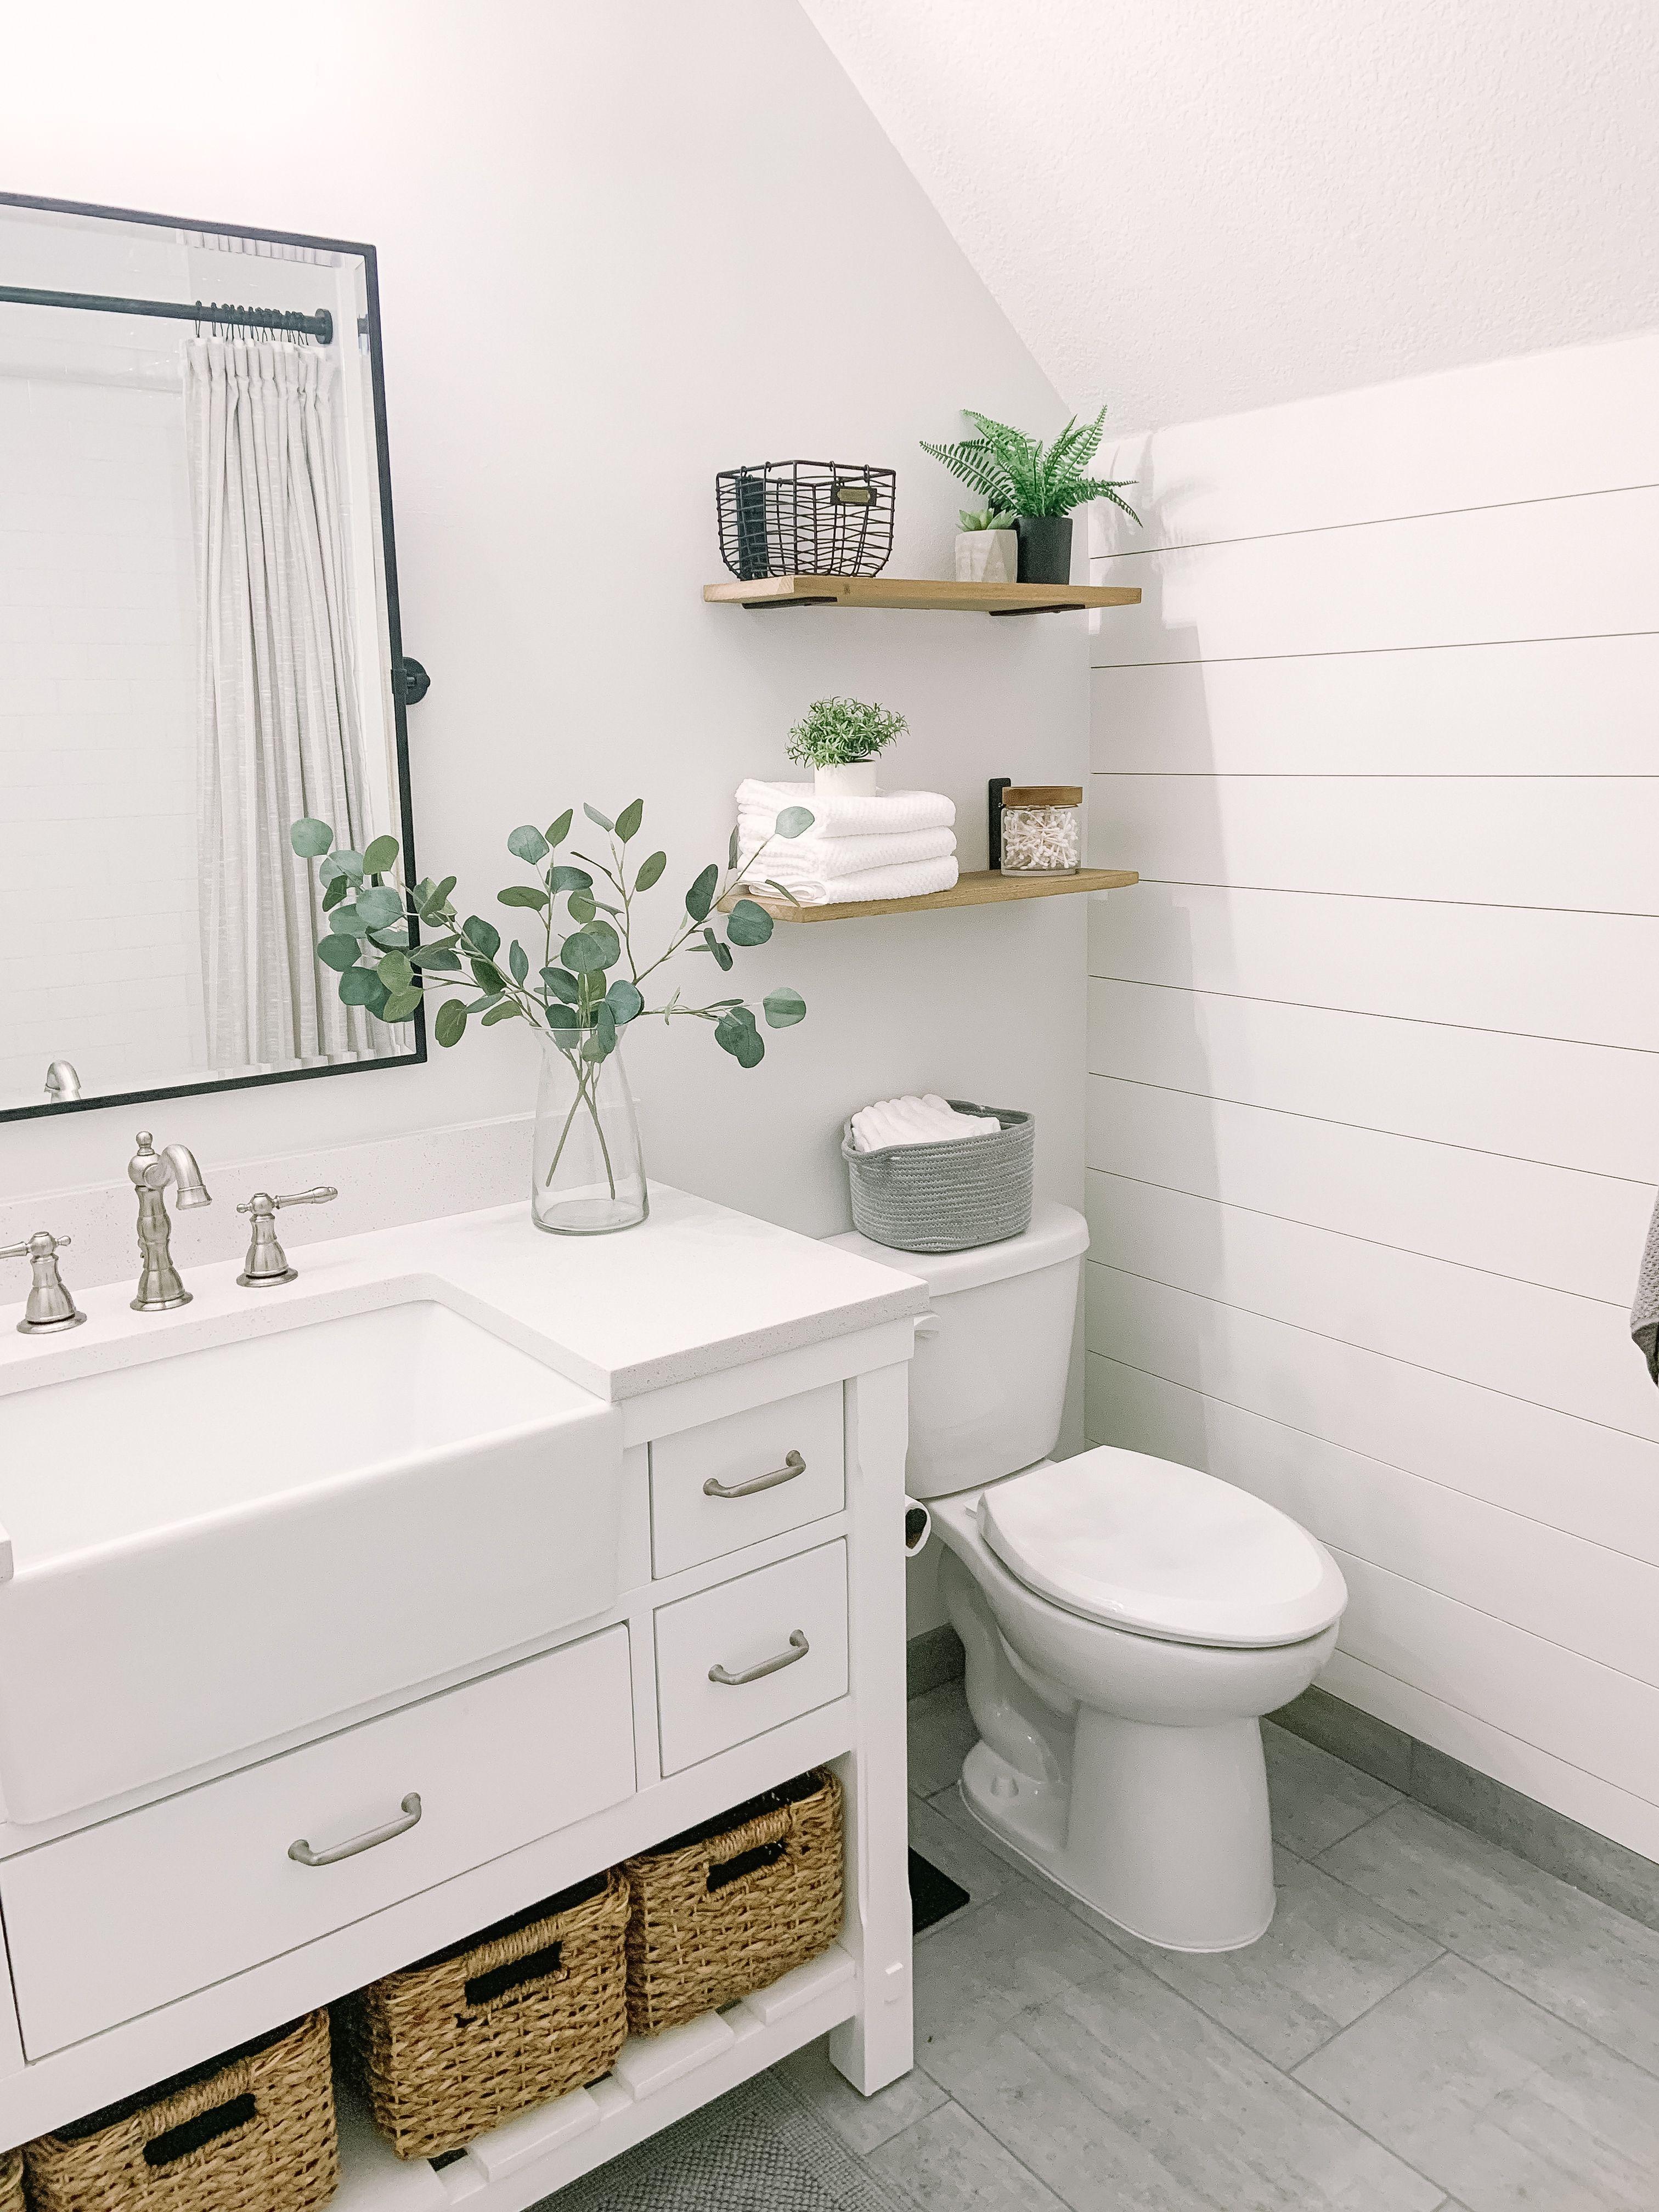 Guest Bathroom Remodel Bathroom Guest Remodel In 2020 Badezimmer Renovieren Dusche Umgestalten Und Badezimmer Design